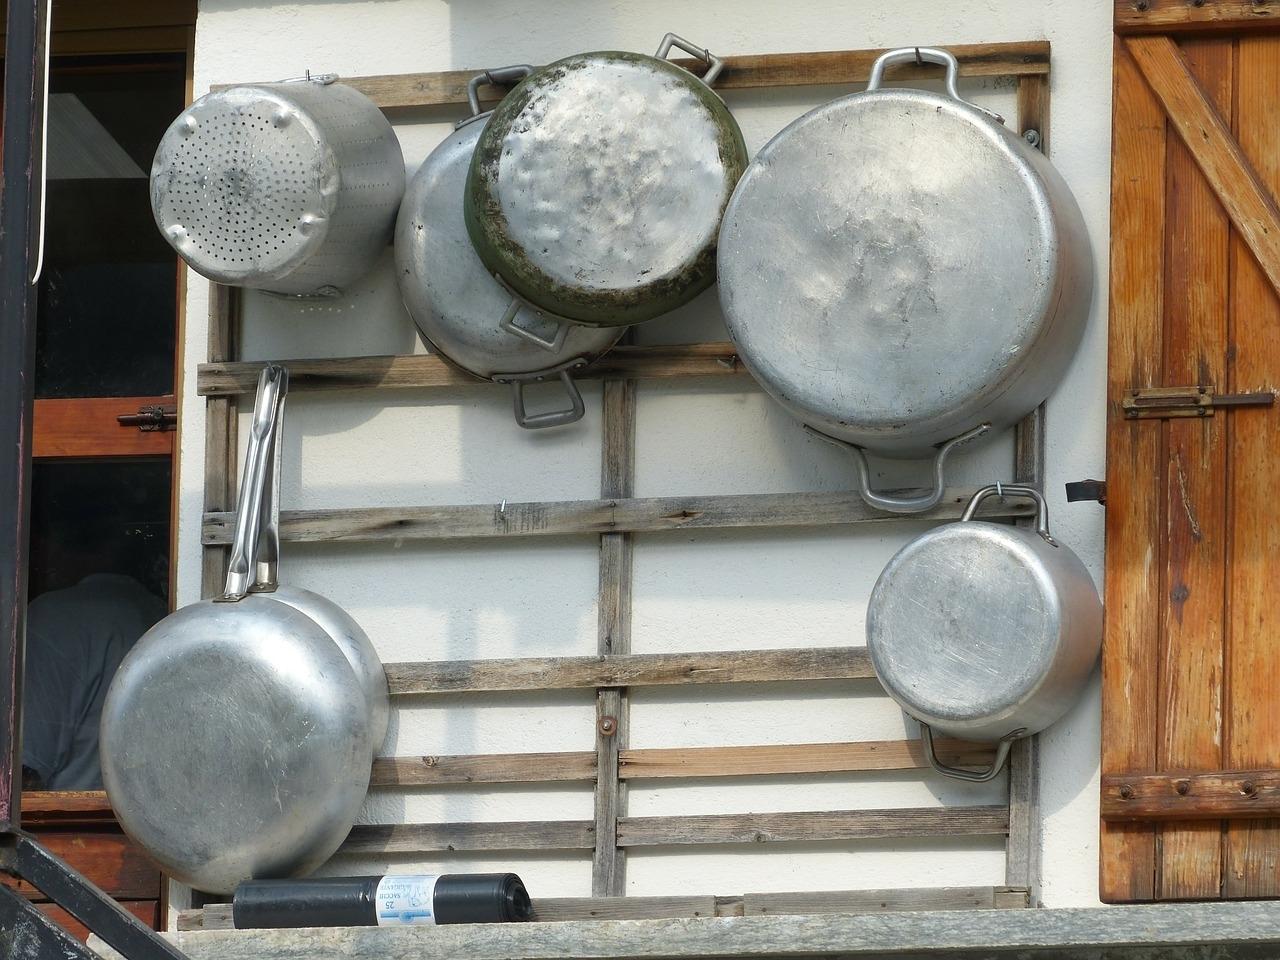 Alte Metalltöpfe an einem Holzgestell - ist das noch wertvoll für uns und wenn ja, warum?